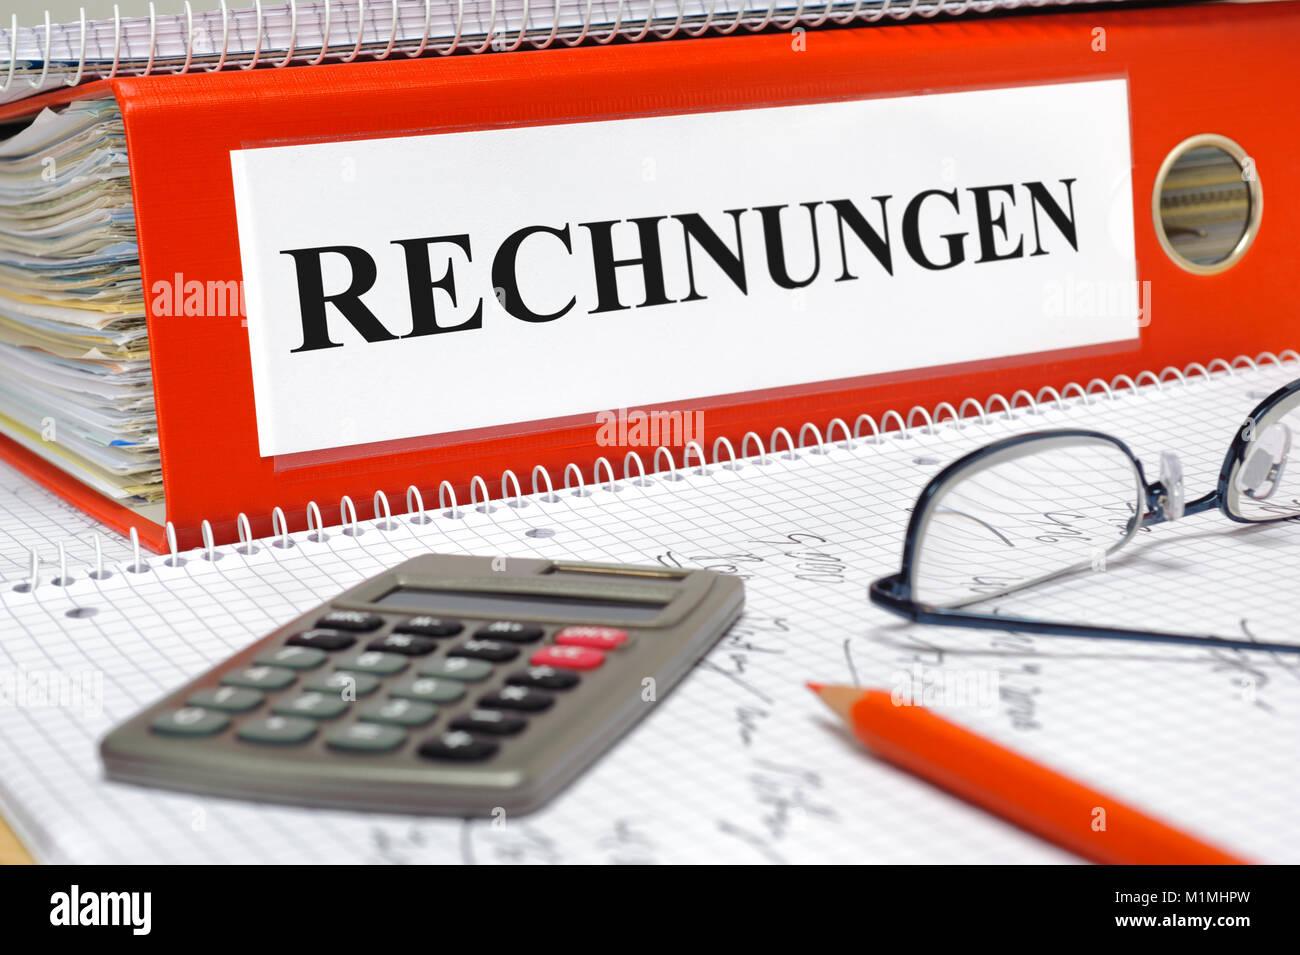 Rechnungen im Ordner - Stock Image